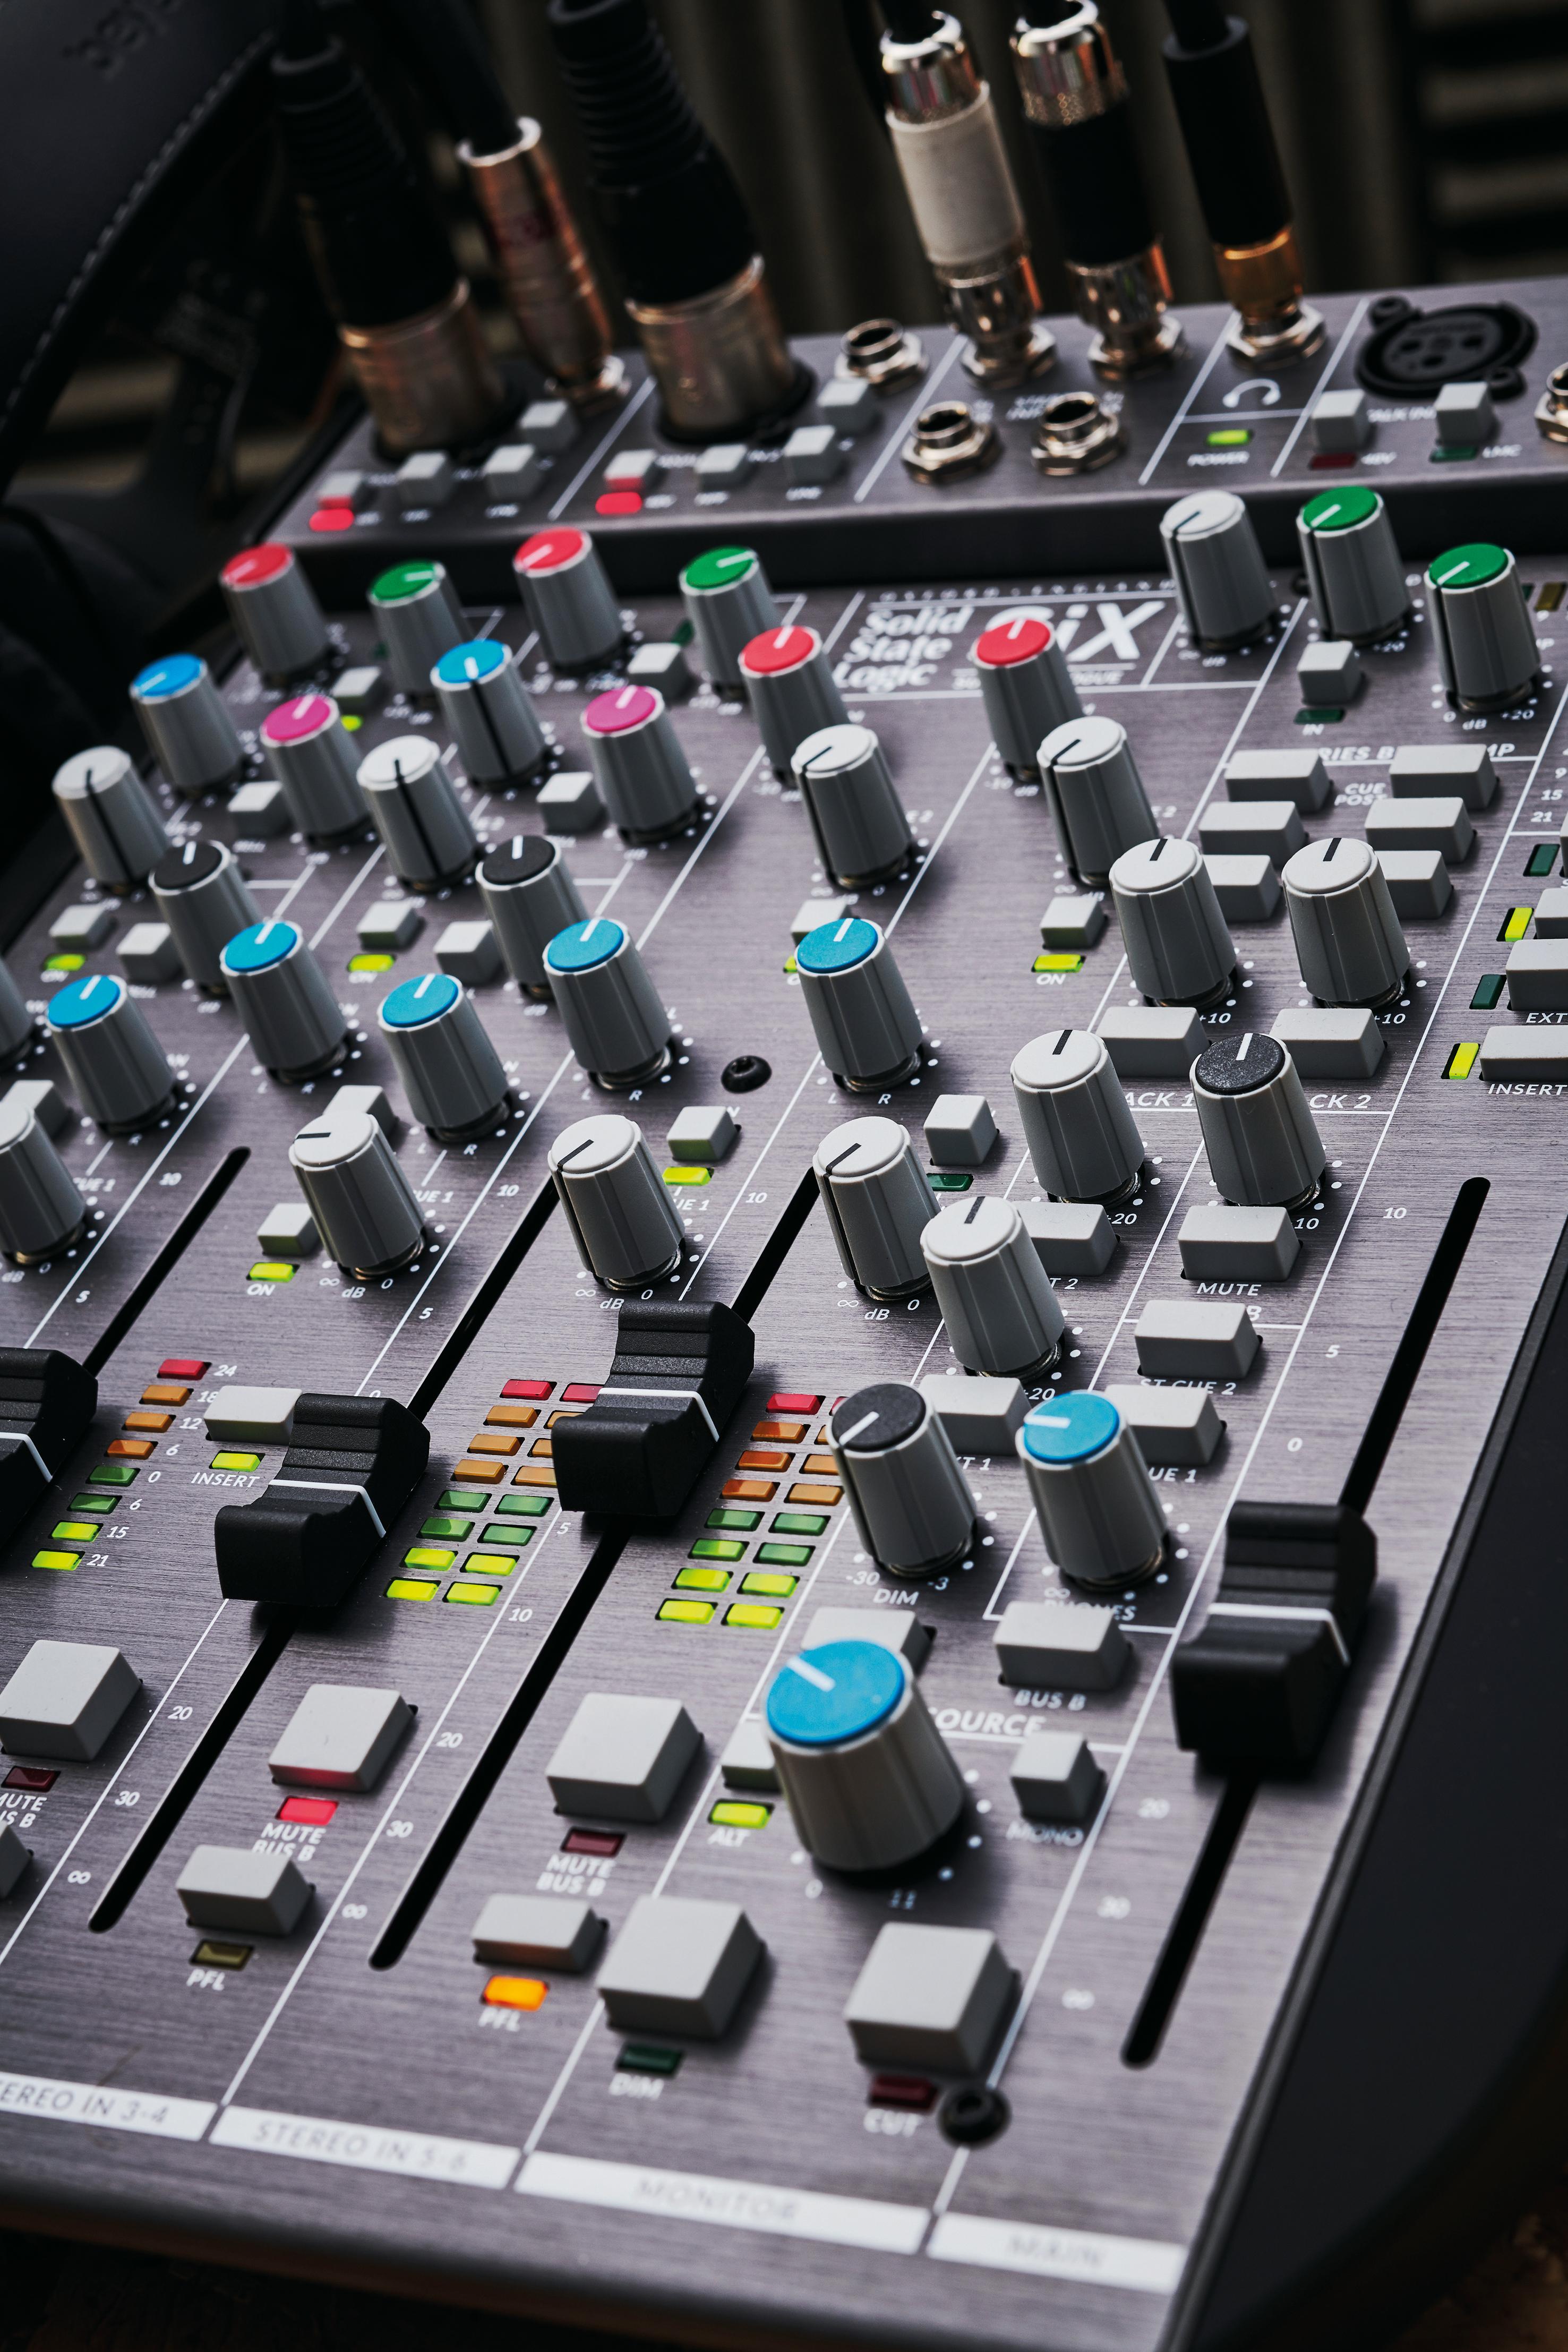 固态逻辑六台桌面调音台